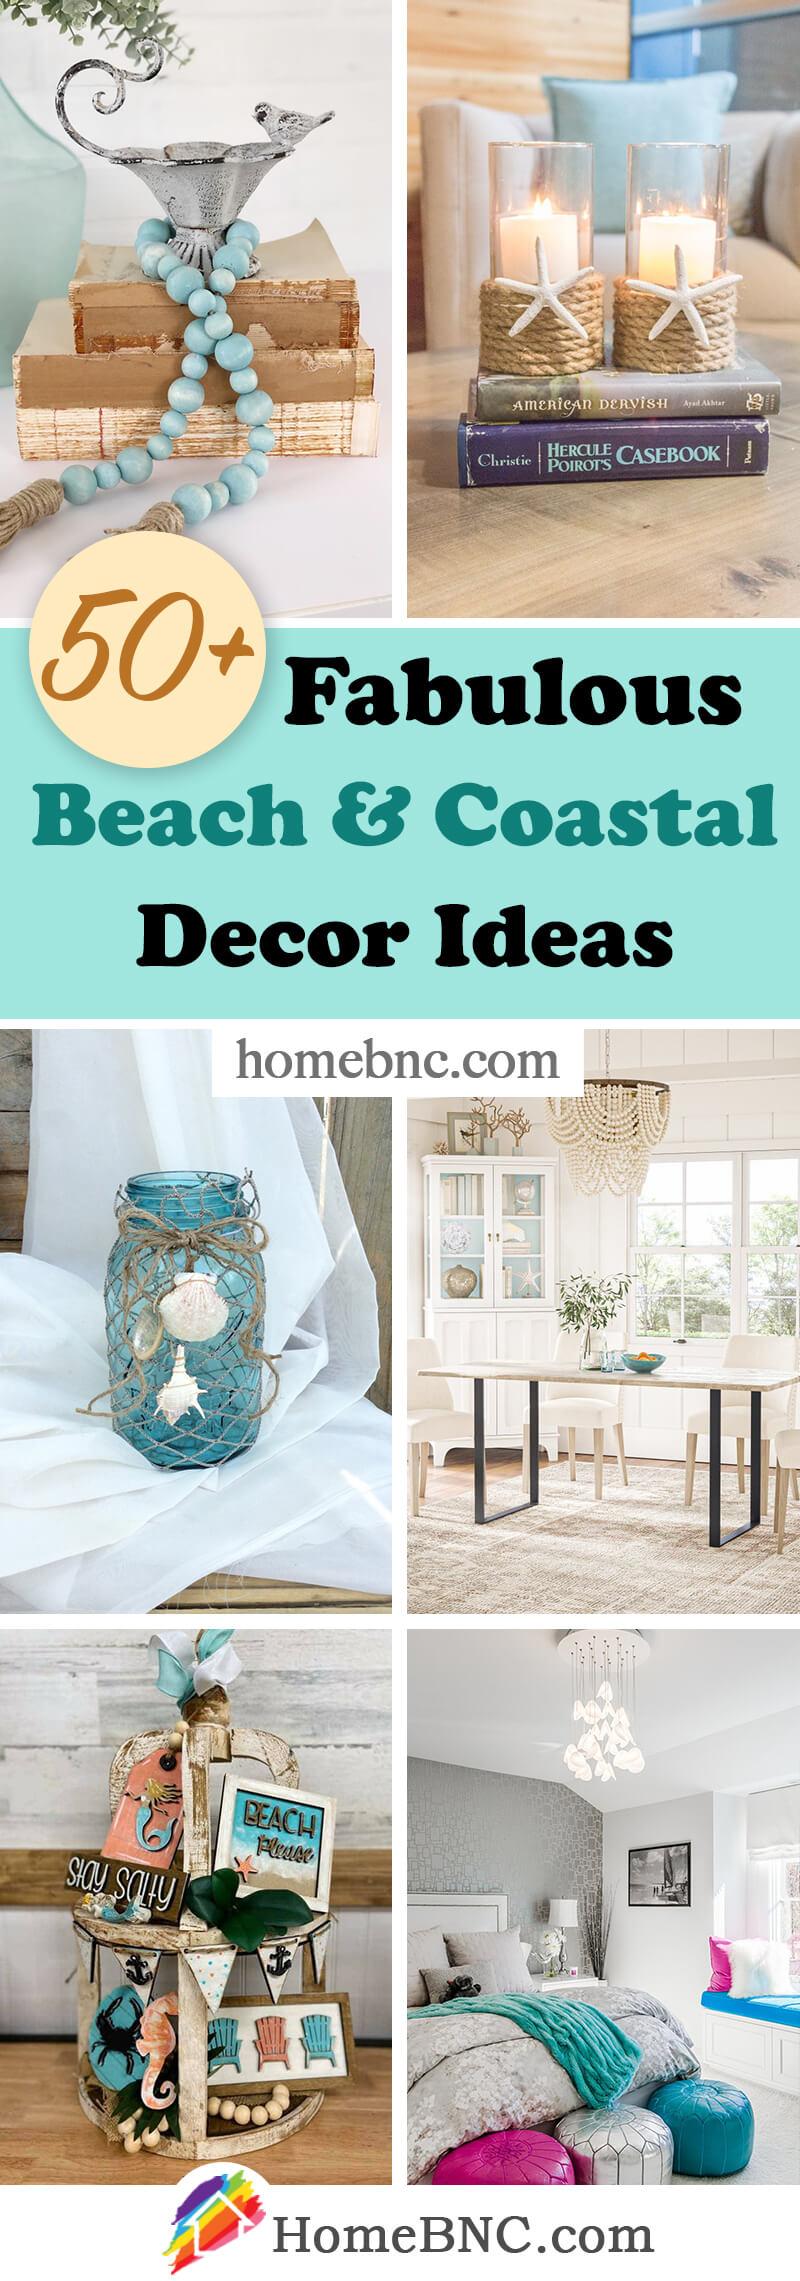 Beach and Coastal Decor Ideas